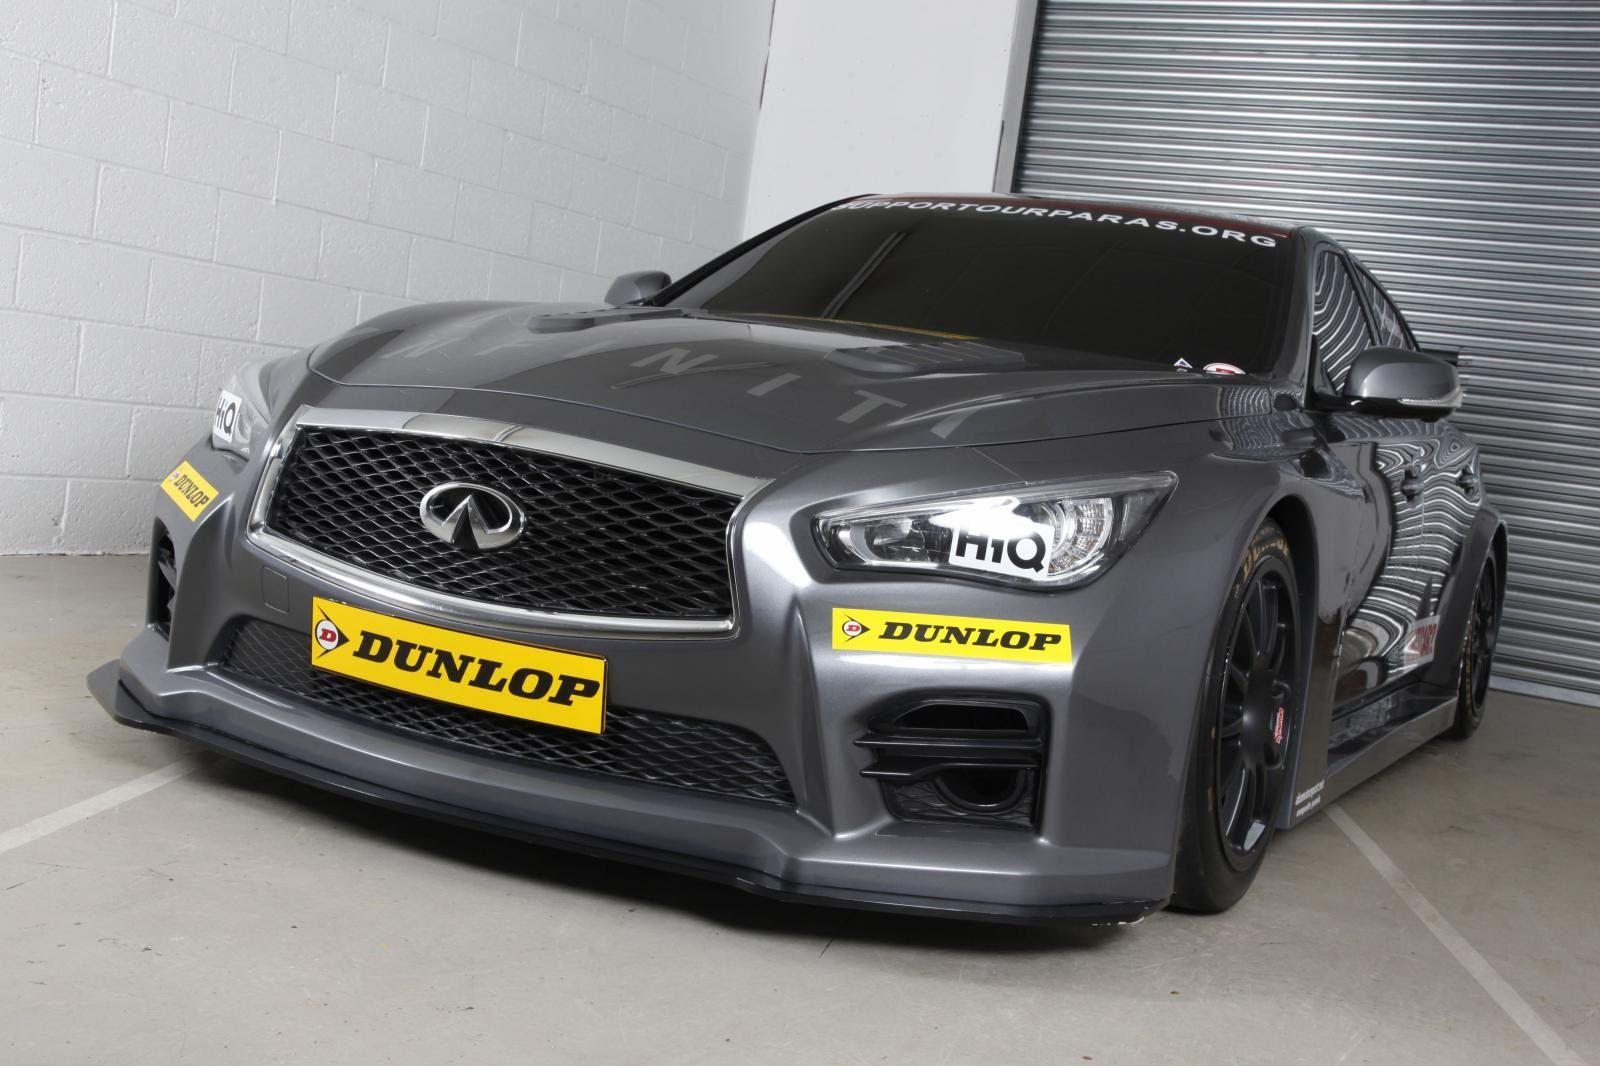 Infiniti q50 btcc race car